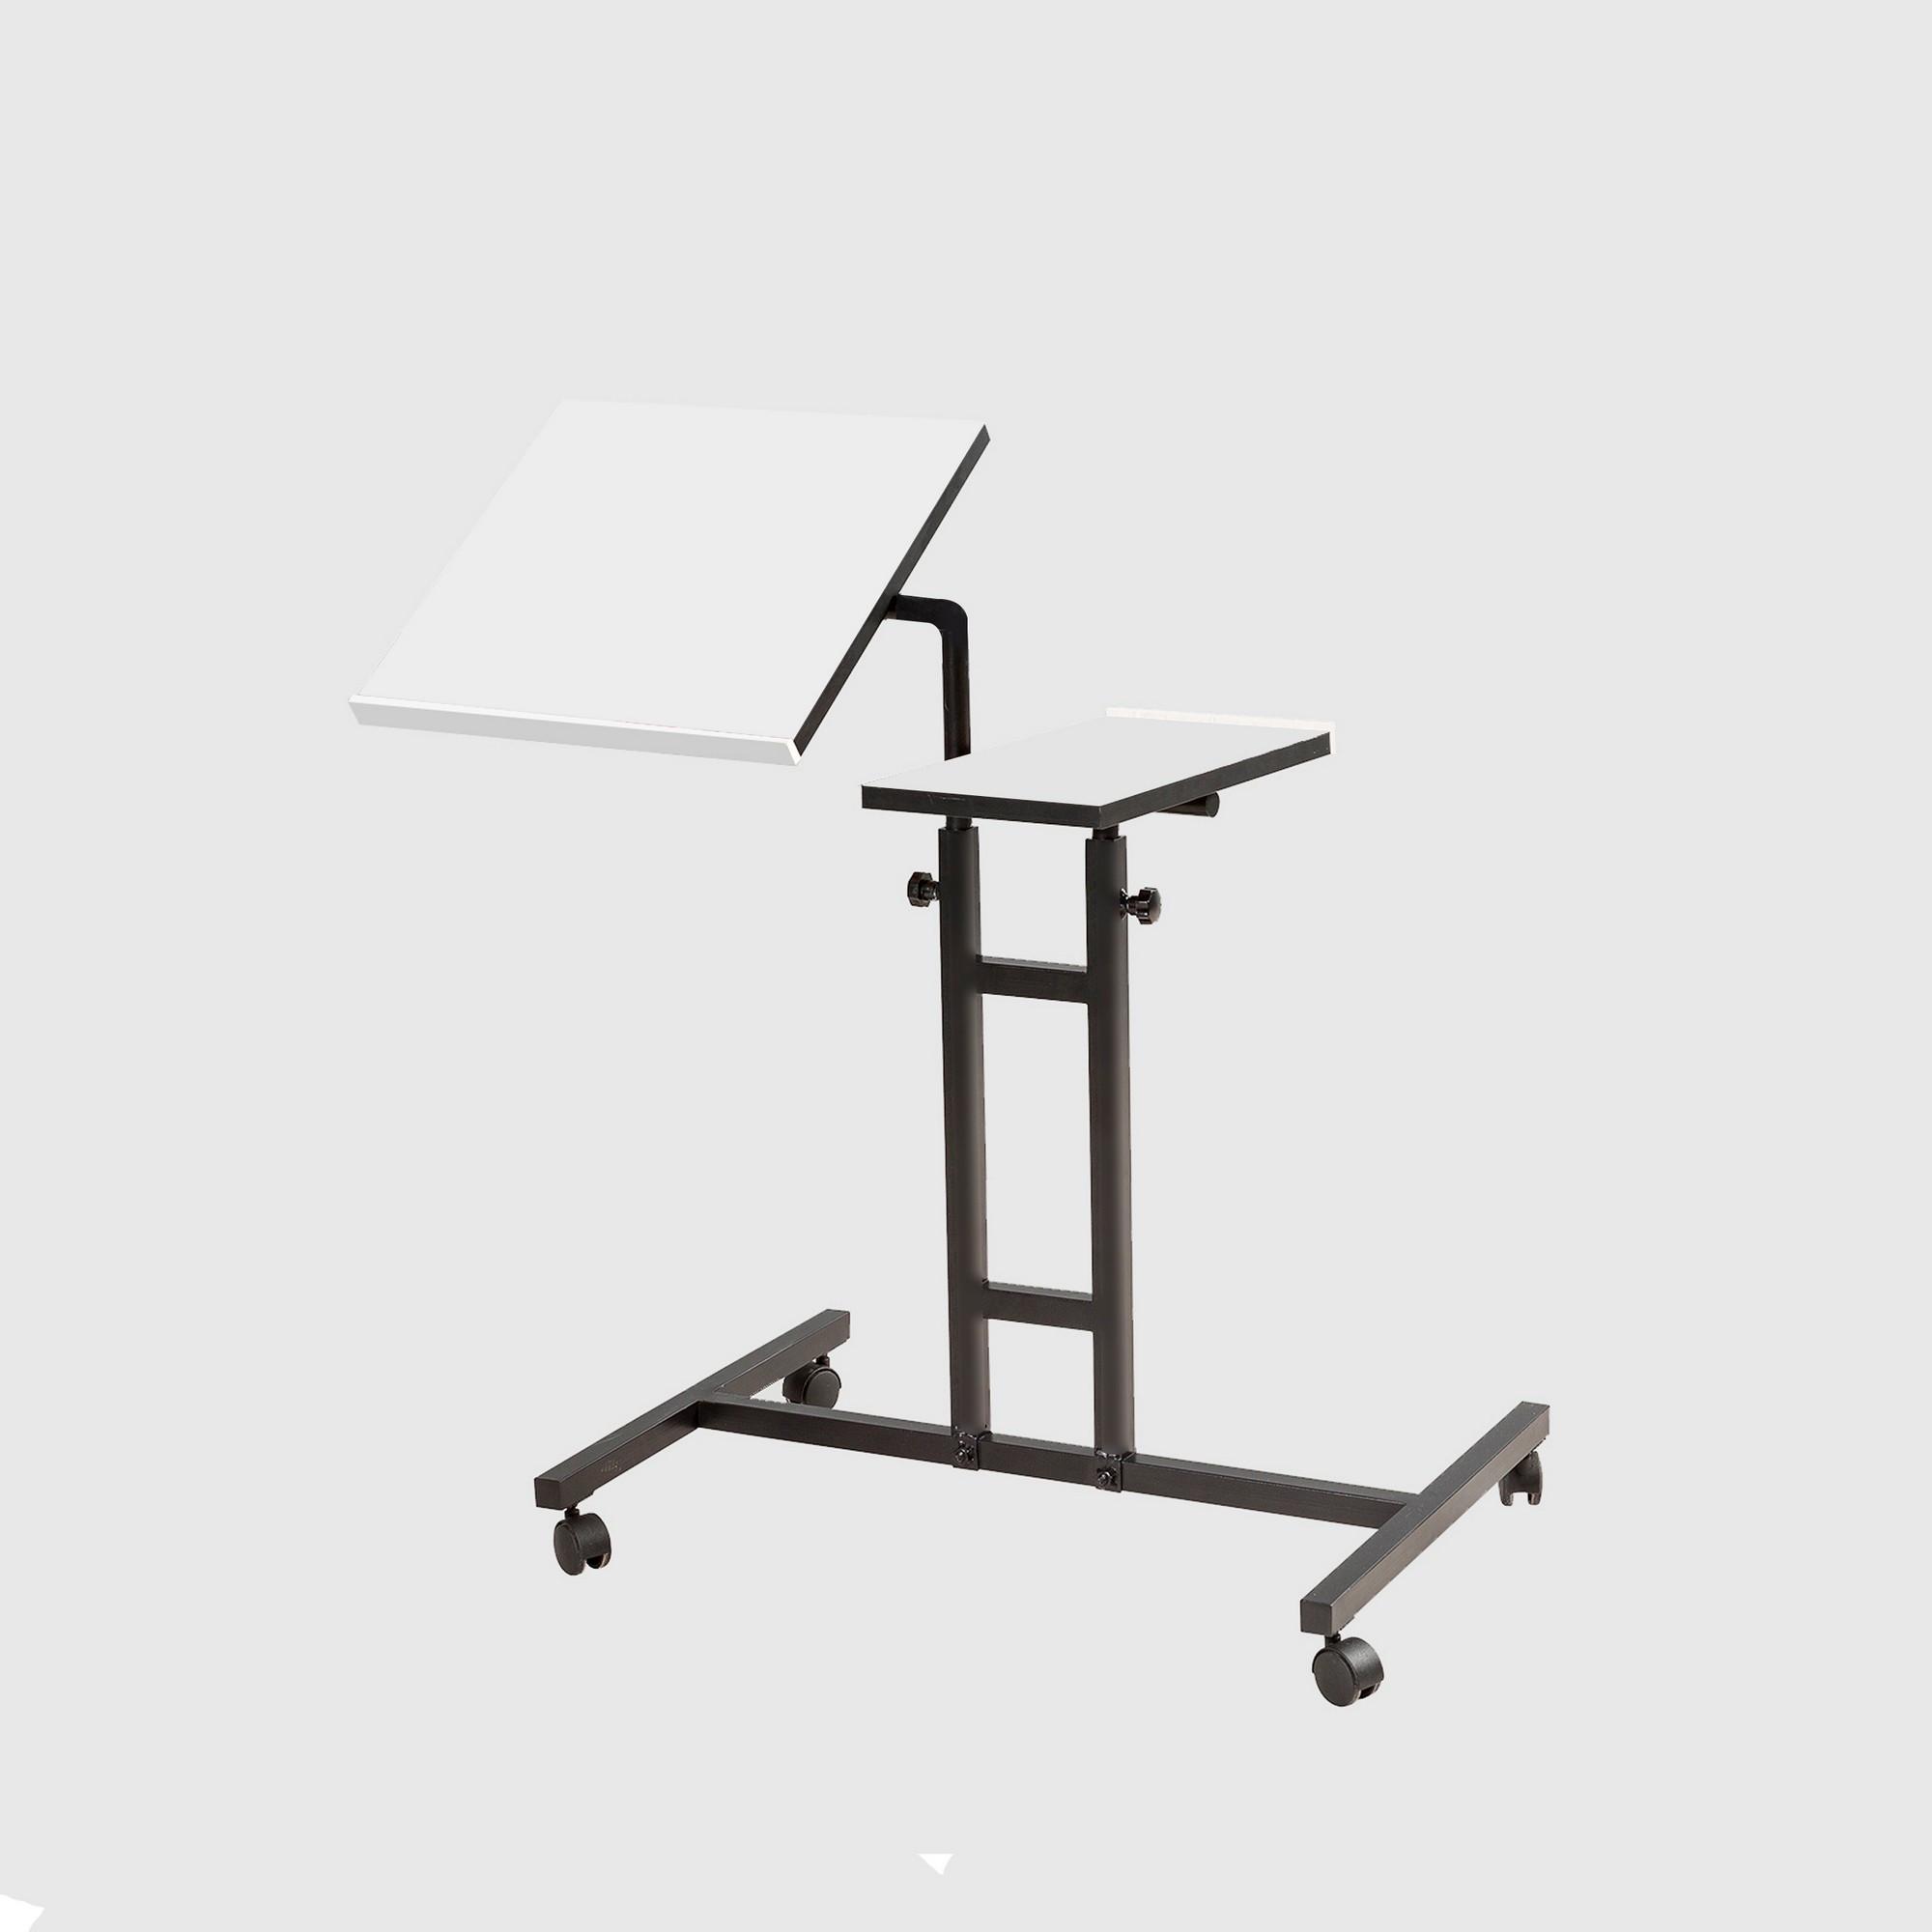 Verstellbarer Laptop-Stehtisch Glen | Weiß & Schwarz